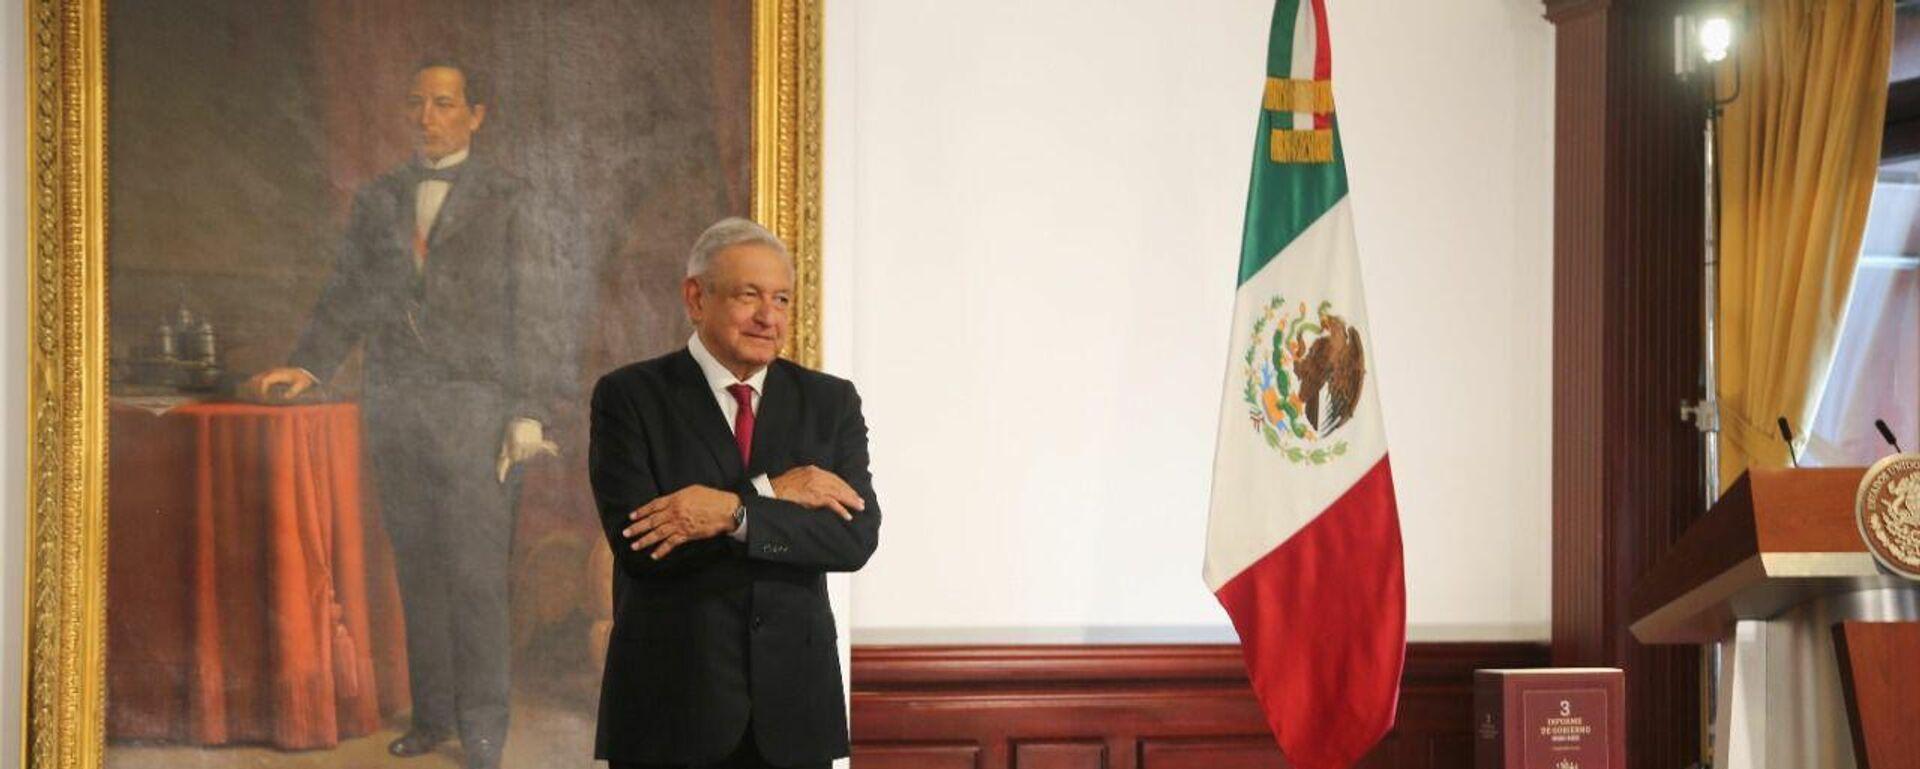 Andrés Manuel López Obrador, presidente de México - Sputnik Mundo, 1920, 01.09.2021